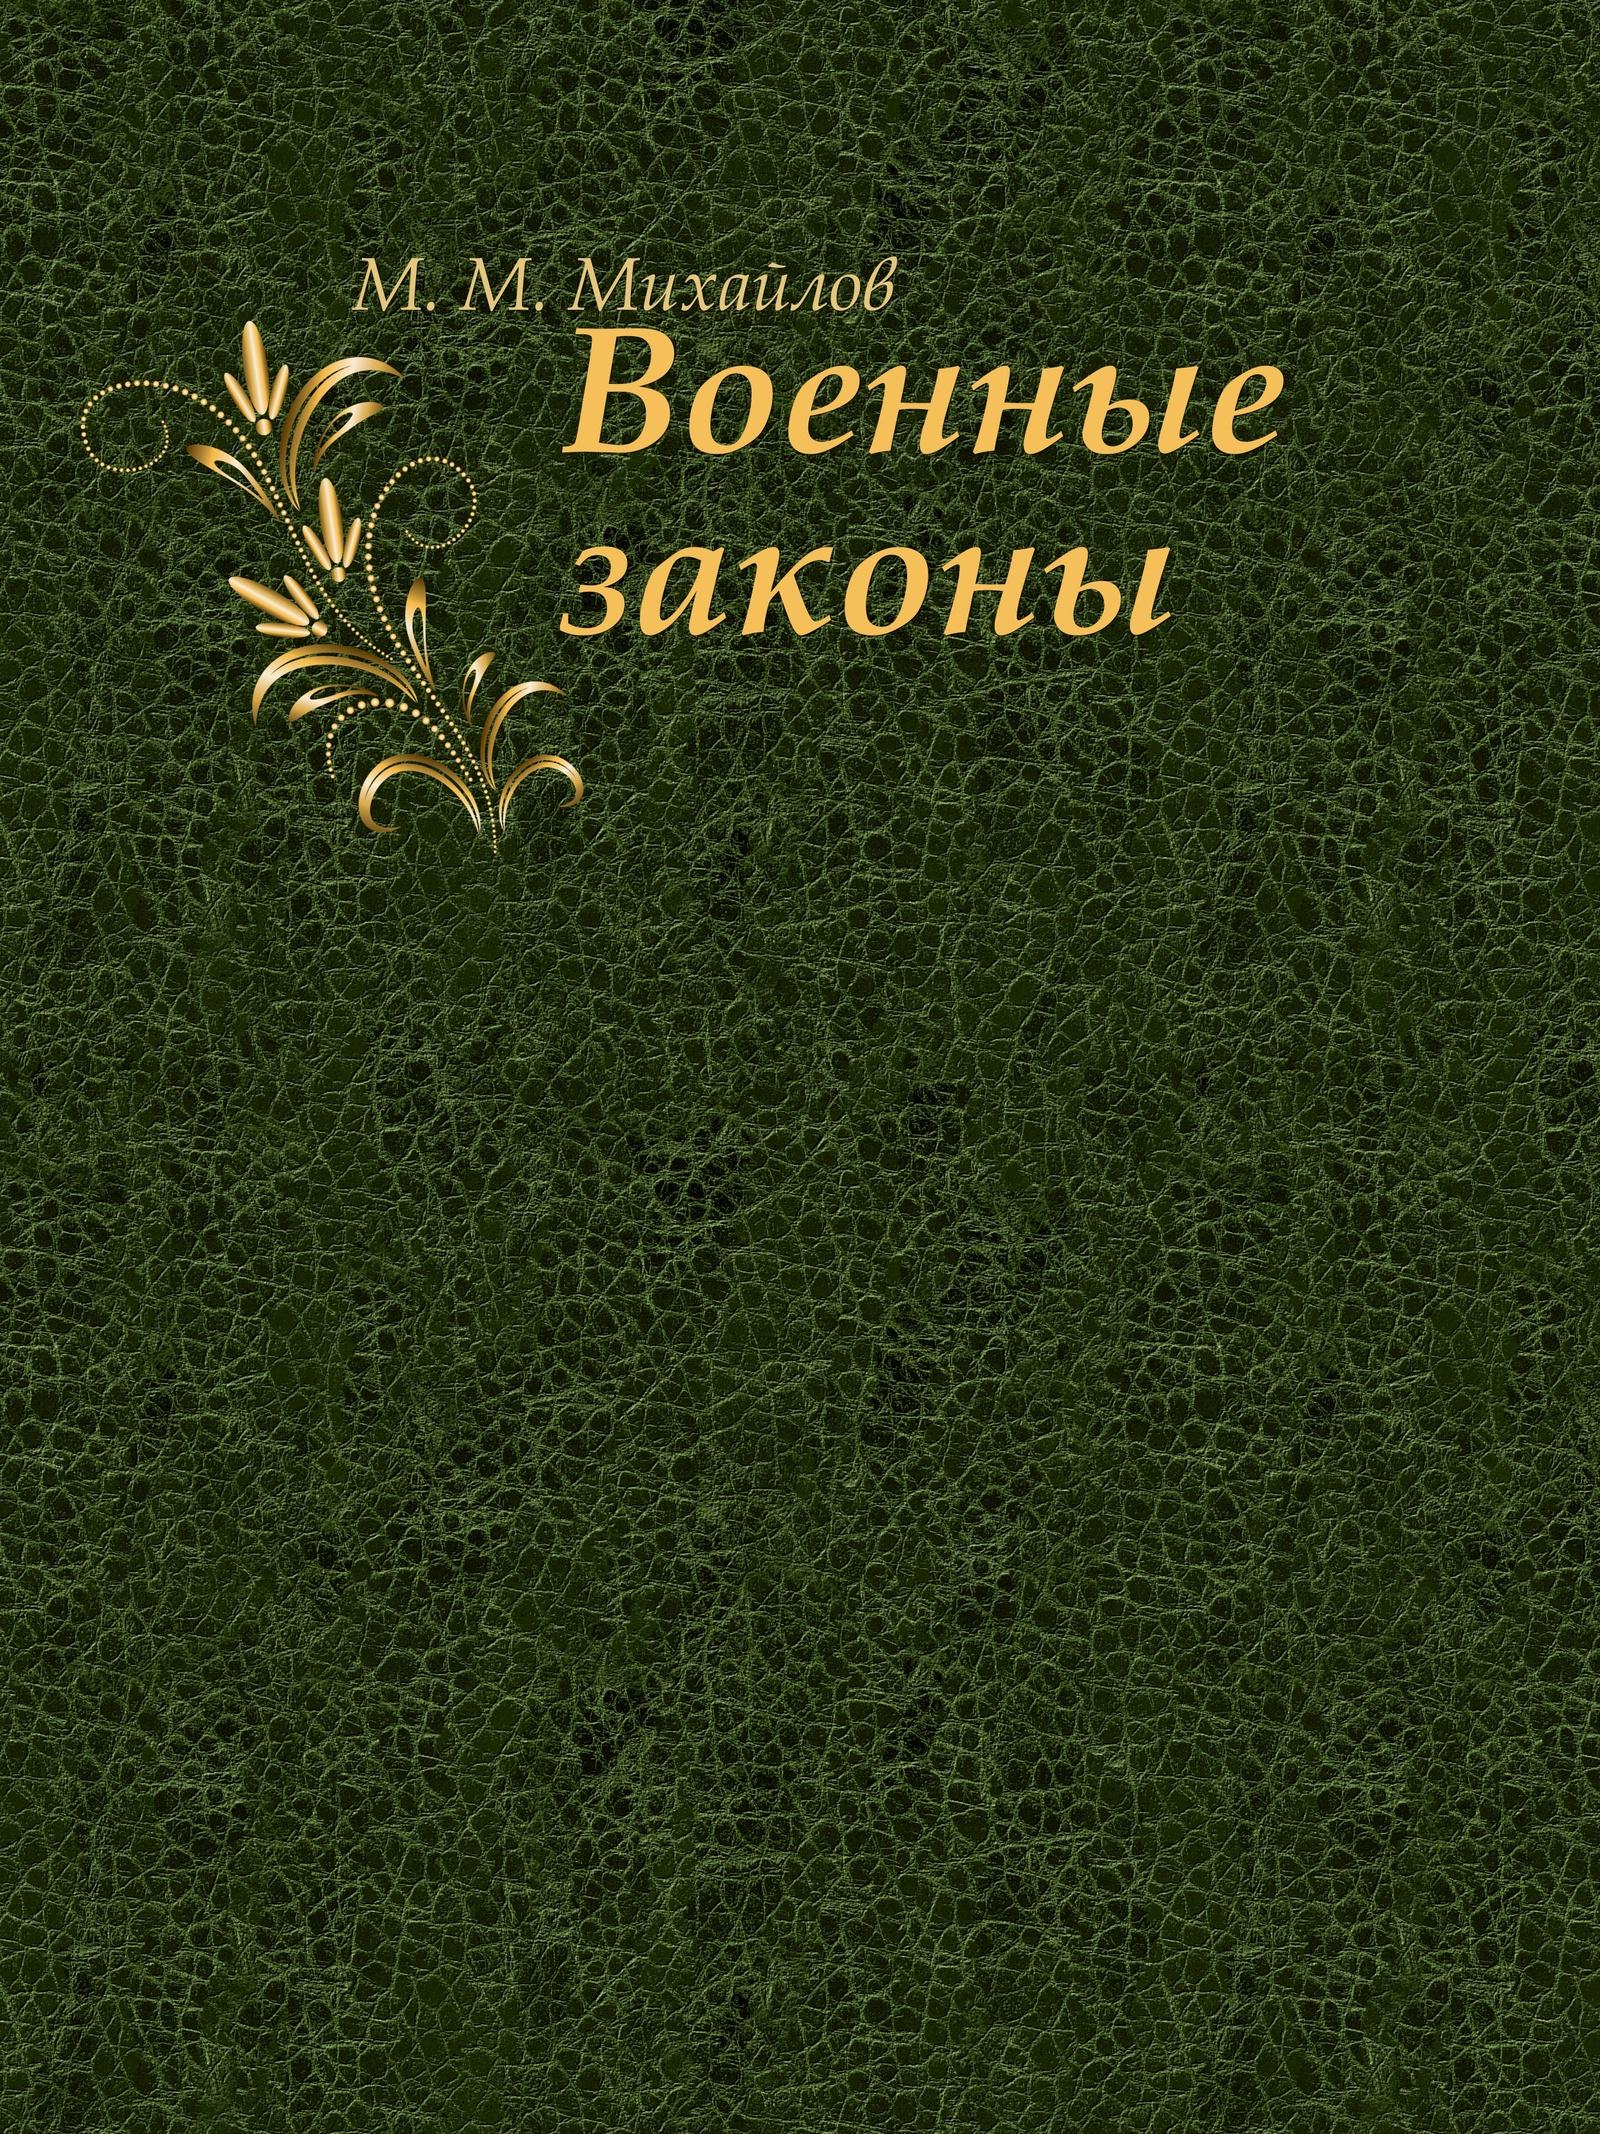 М.М. Михайлов Военные законы